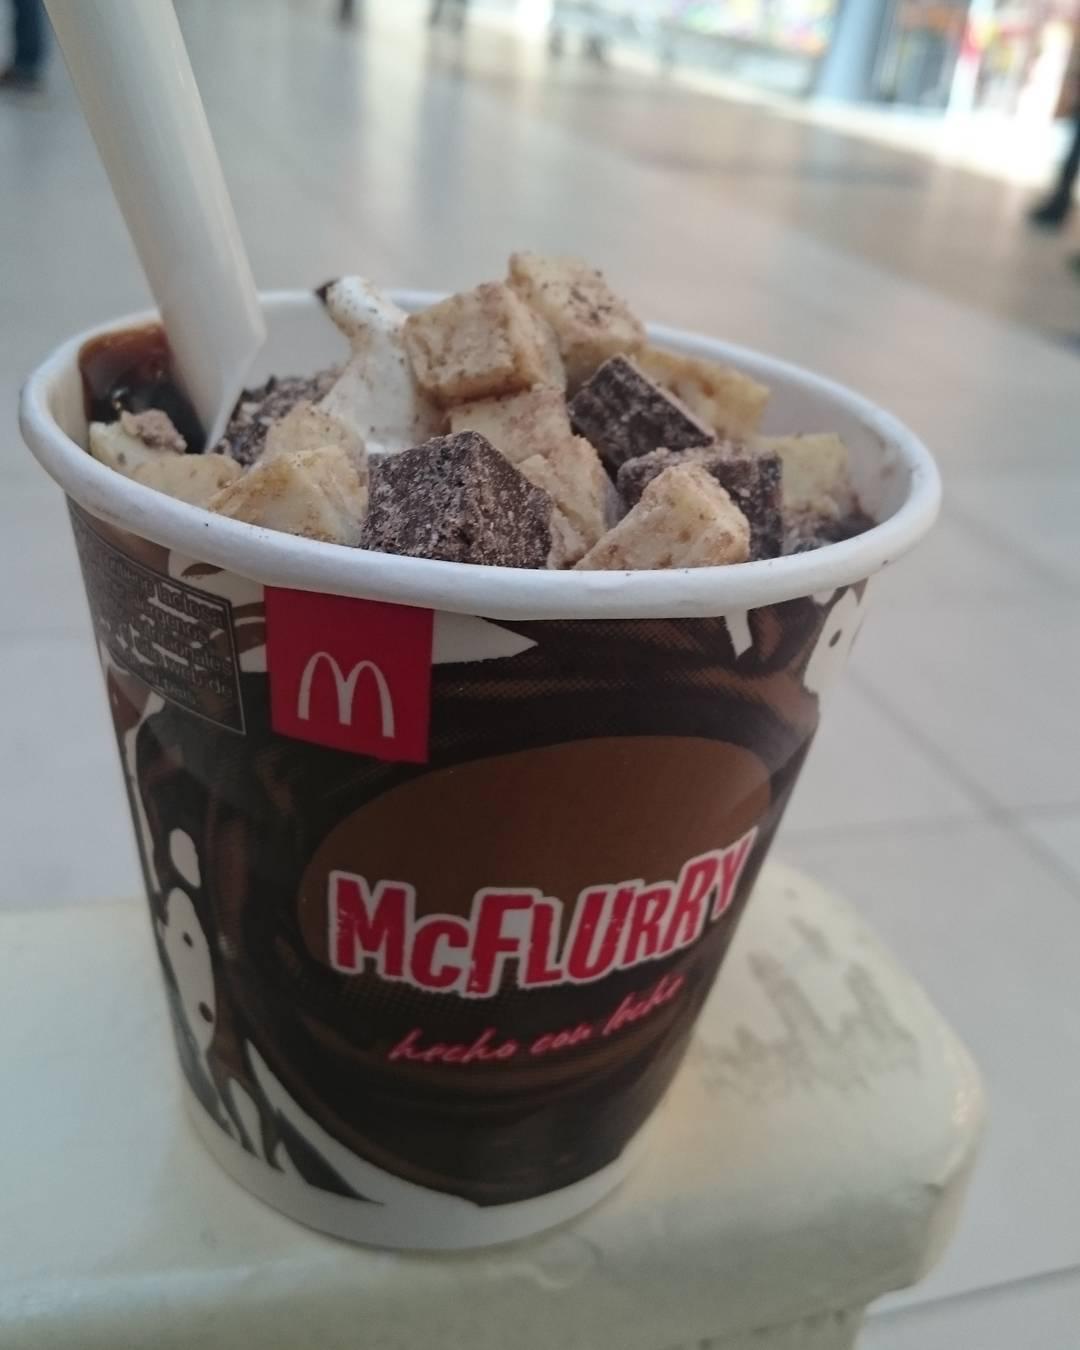 Mmm #mcflurry #abuelagoya